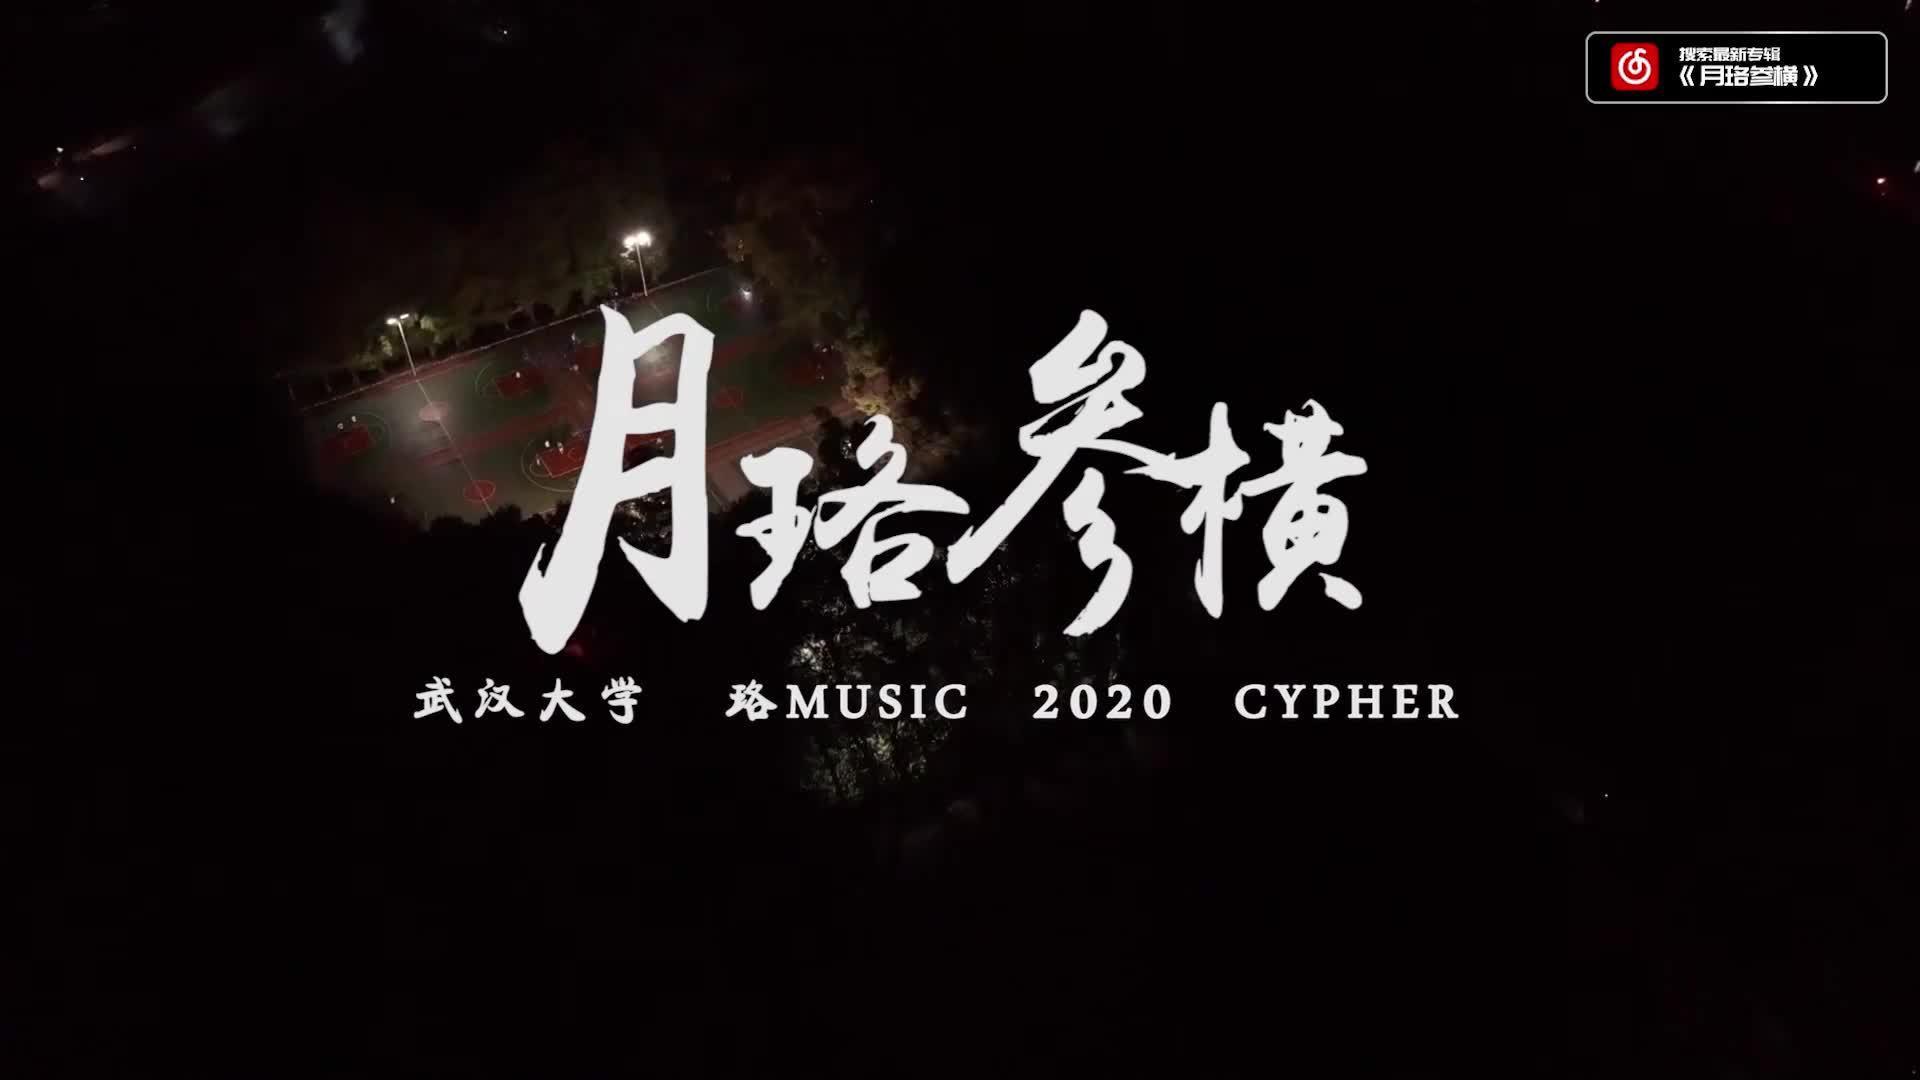 武汉大学Cypher来了🔥珞Music 2020 Cypher《月珞参横》!……